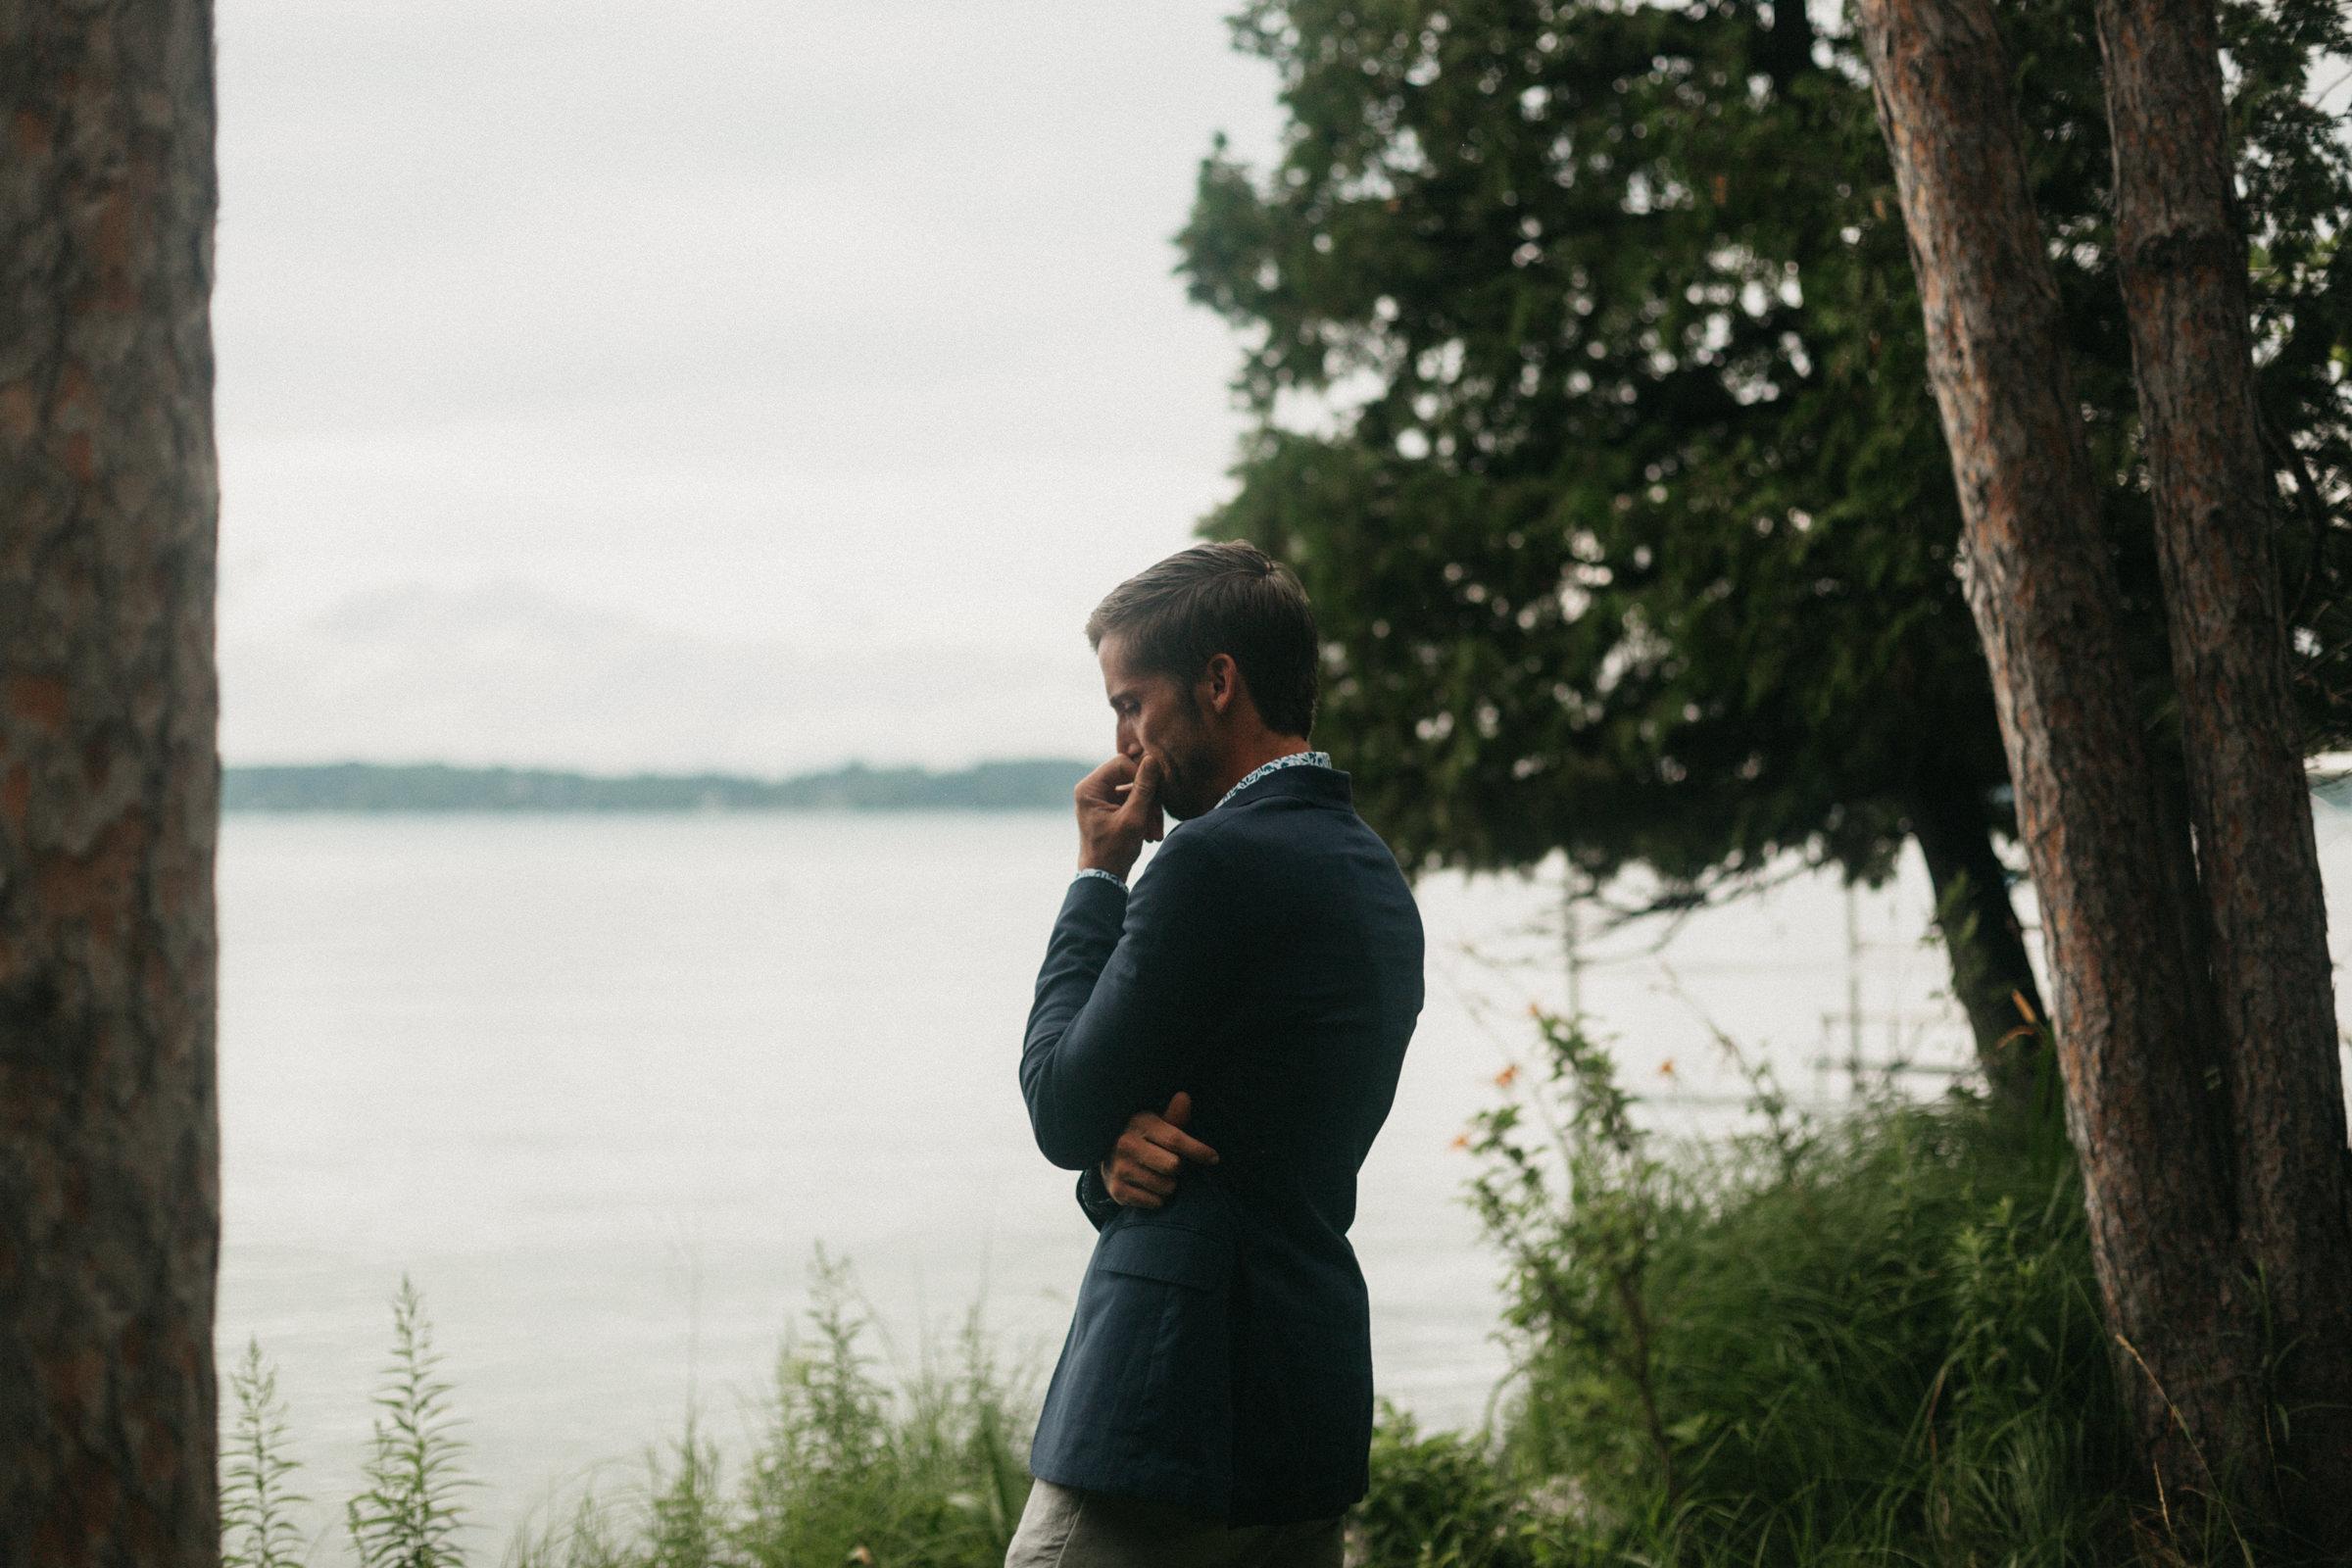 Lake_Michigan_wedding-15.jpg